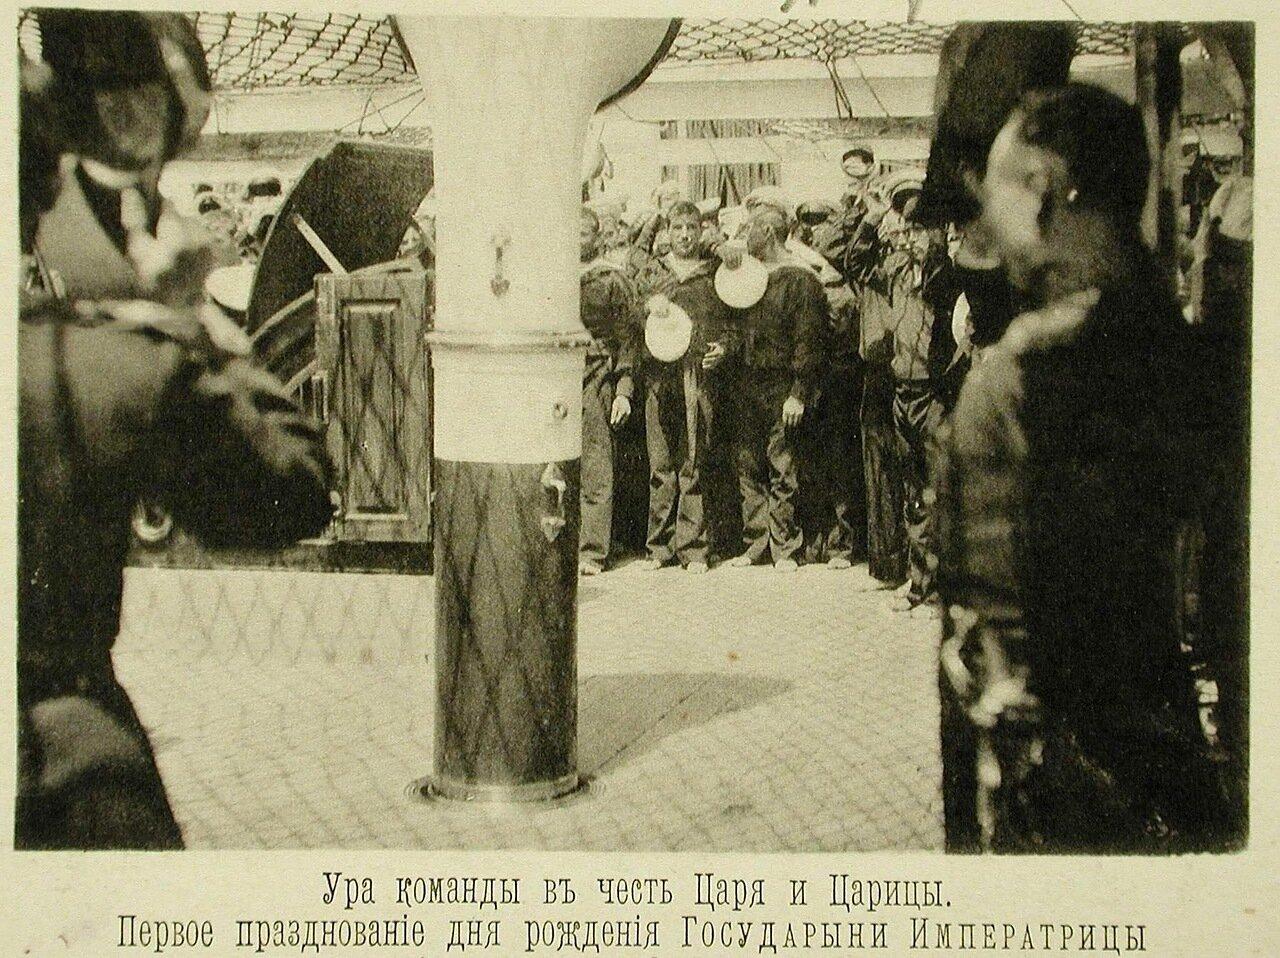 63. Офицеры и матросы крейсера Адмирал Корнилов во время празднования дня рождения императрицы Александры Федоровны